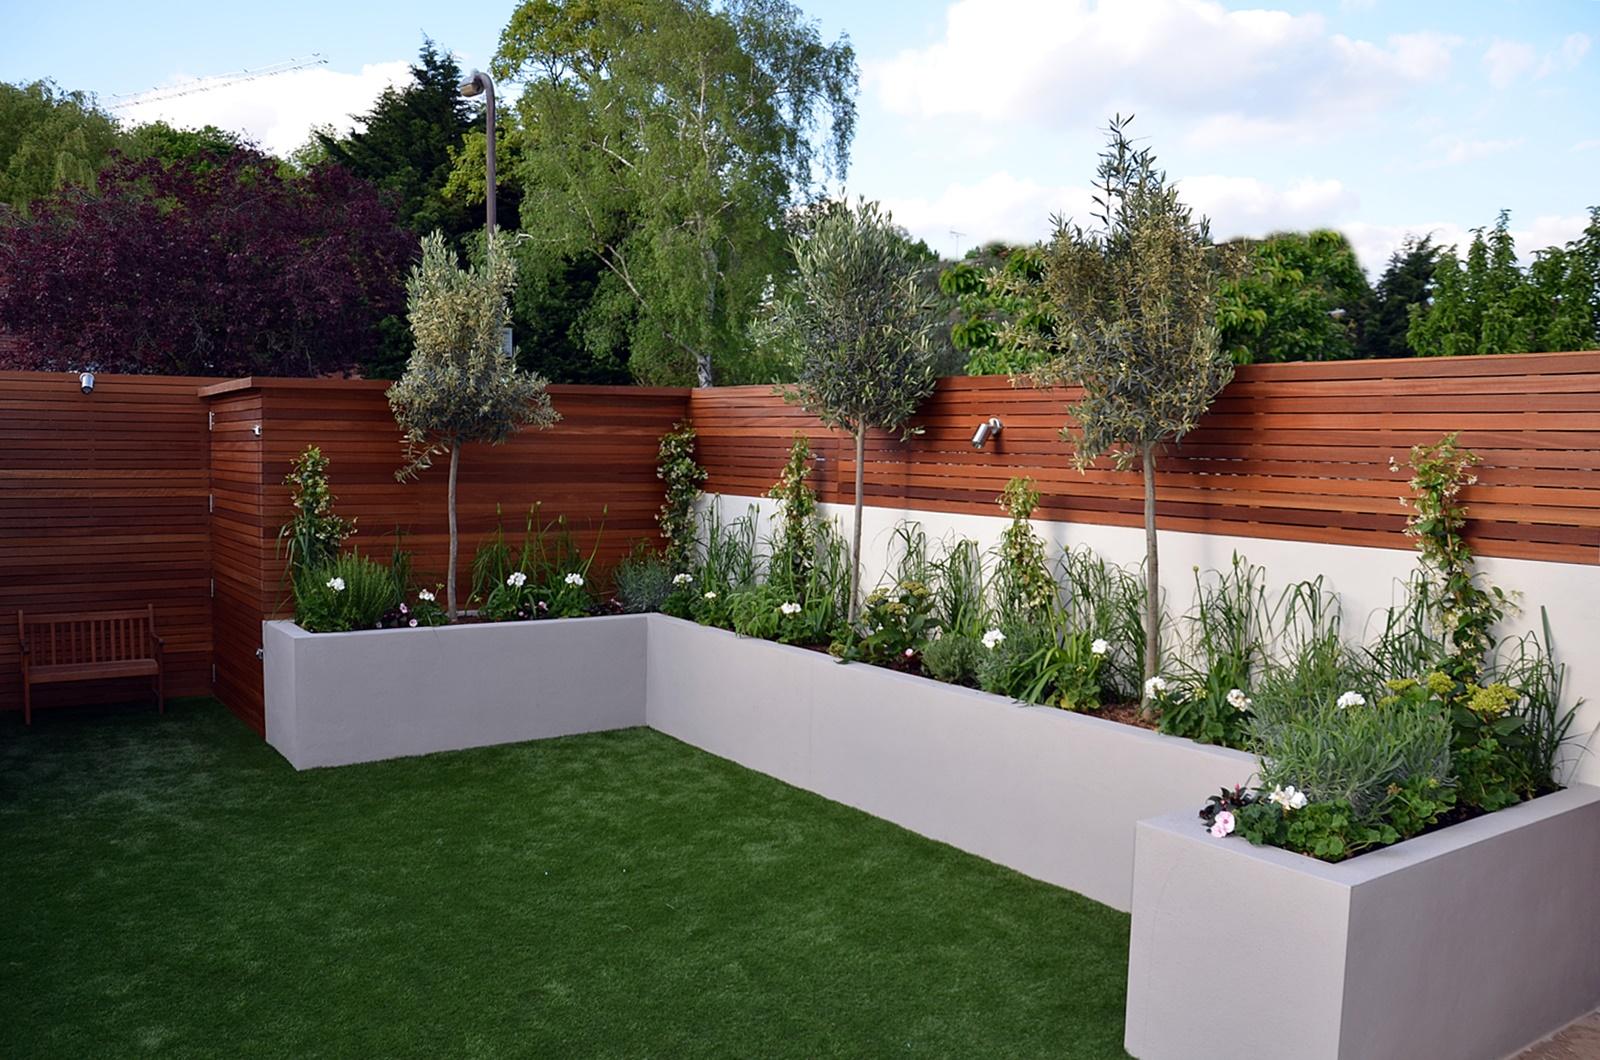 London garden design garden design for Grass plants for flower beds